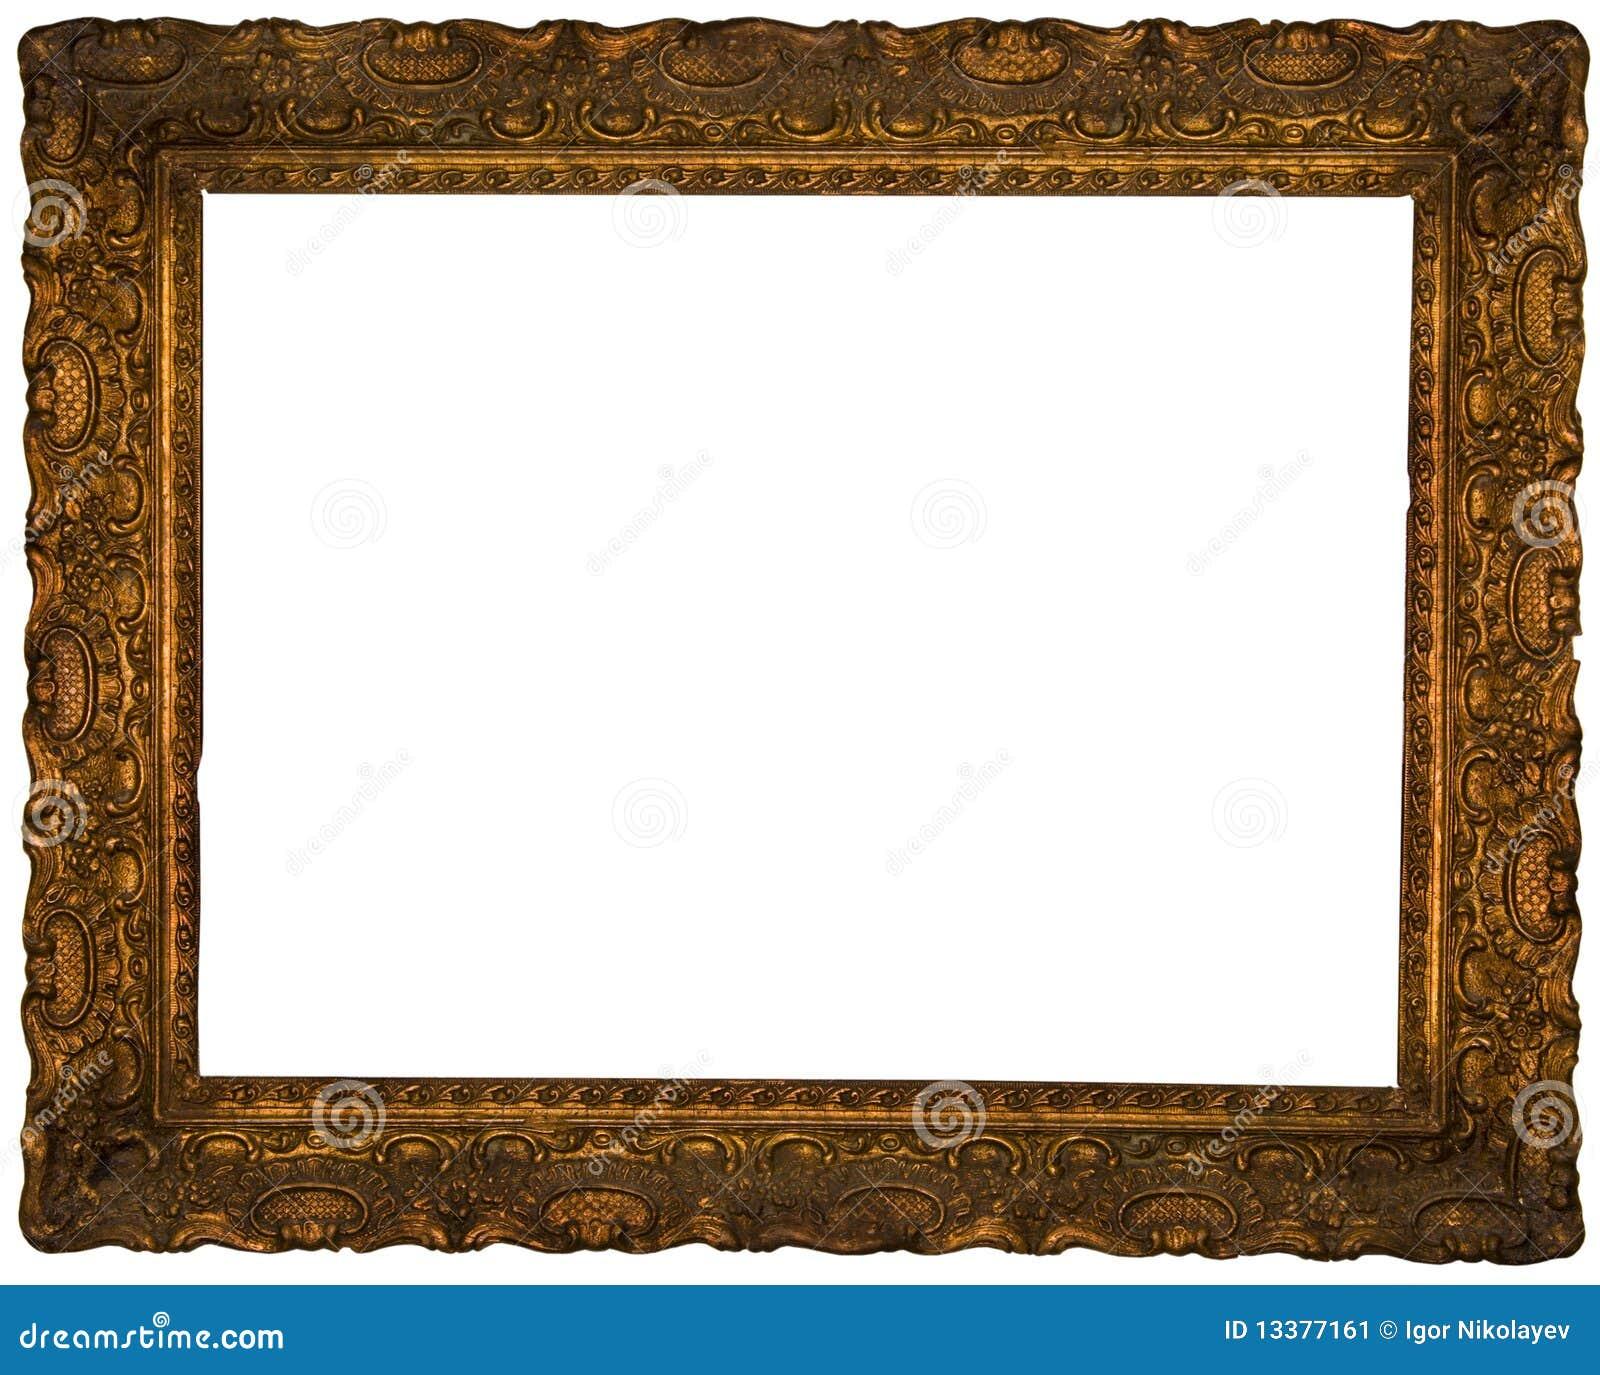 Marco antiguo imagen de archivo imagen 13377161 for Marco cuadro antiguo